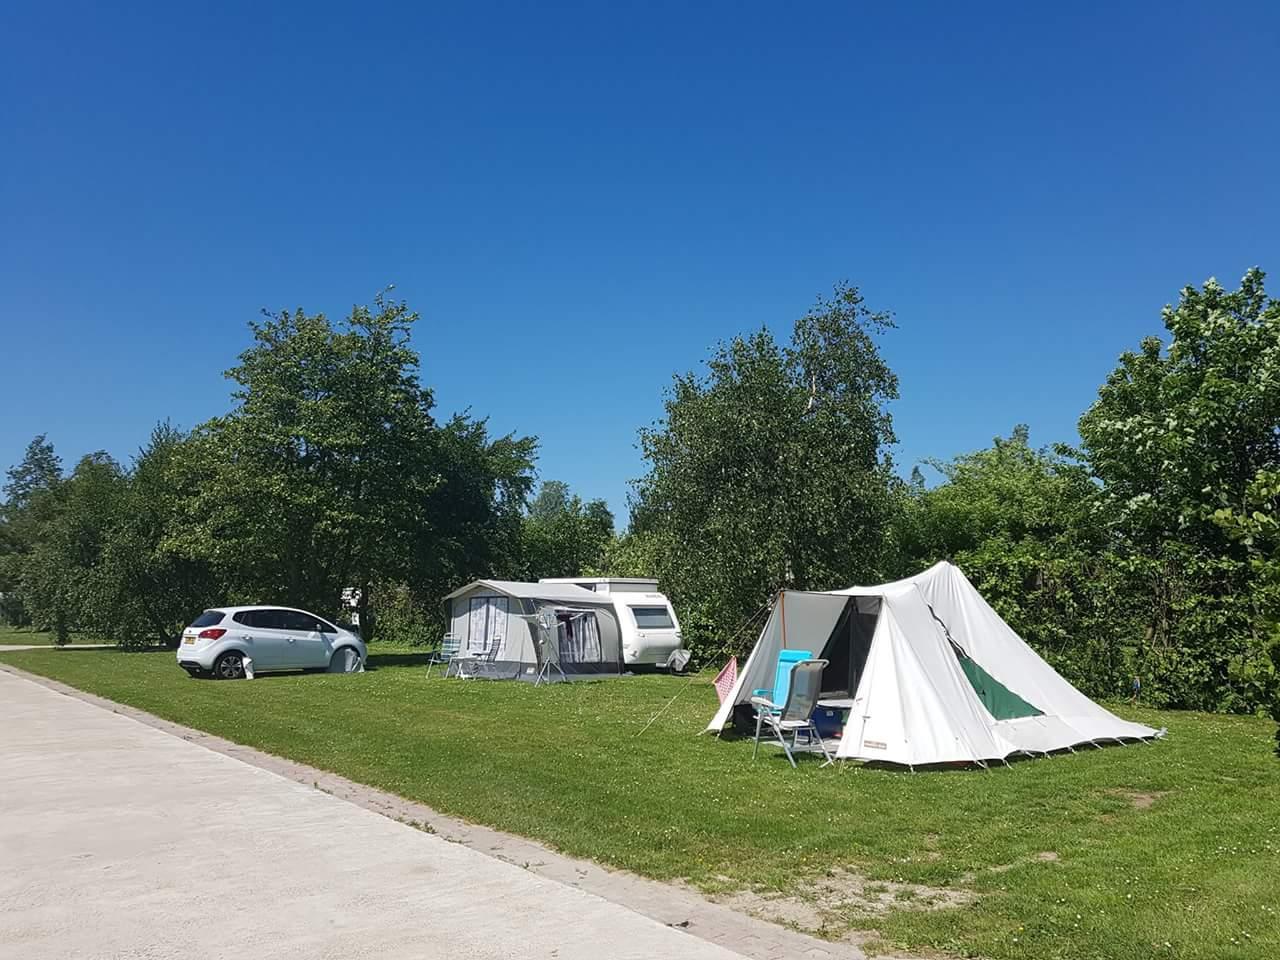 Camping de Boerenzwaluw